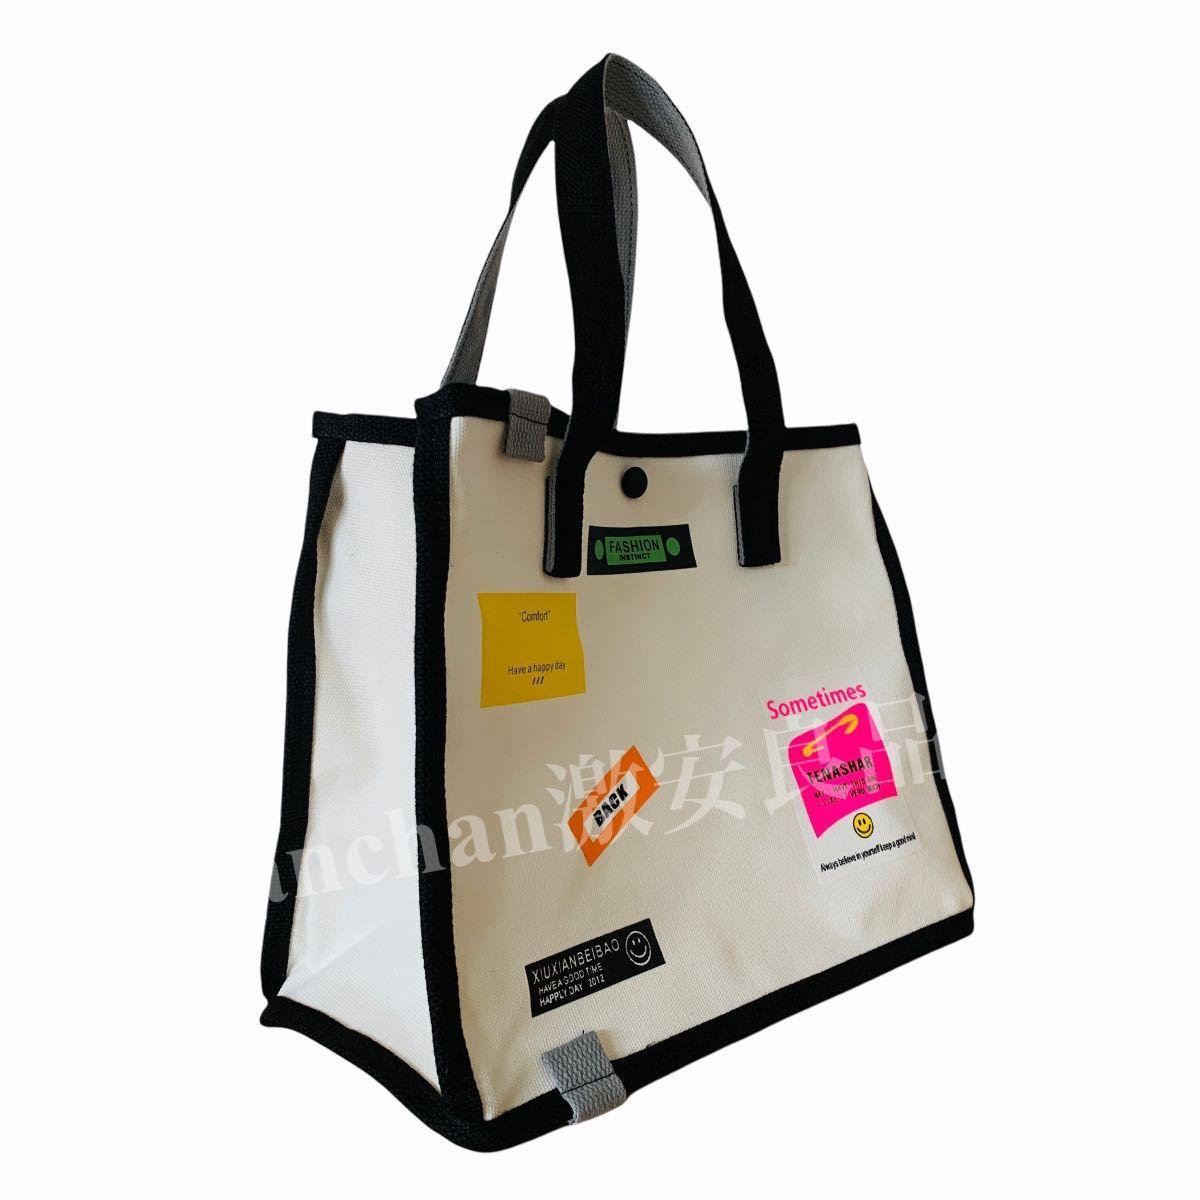 トートバッグ レディース カジュアル 韓流 デザイナー ハンドバッグ 大容量 ショルダーバッグ キャンバス ショッピングバッグ ブラック